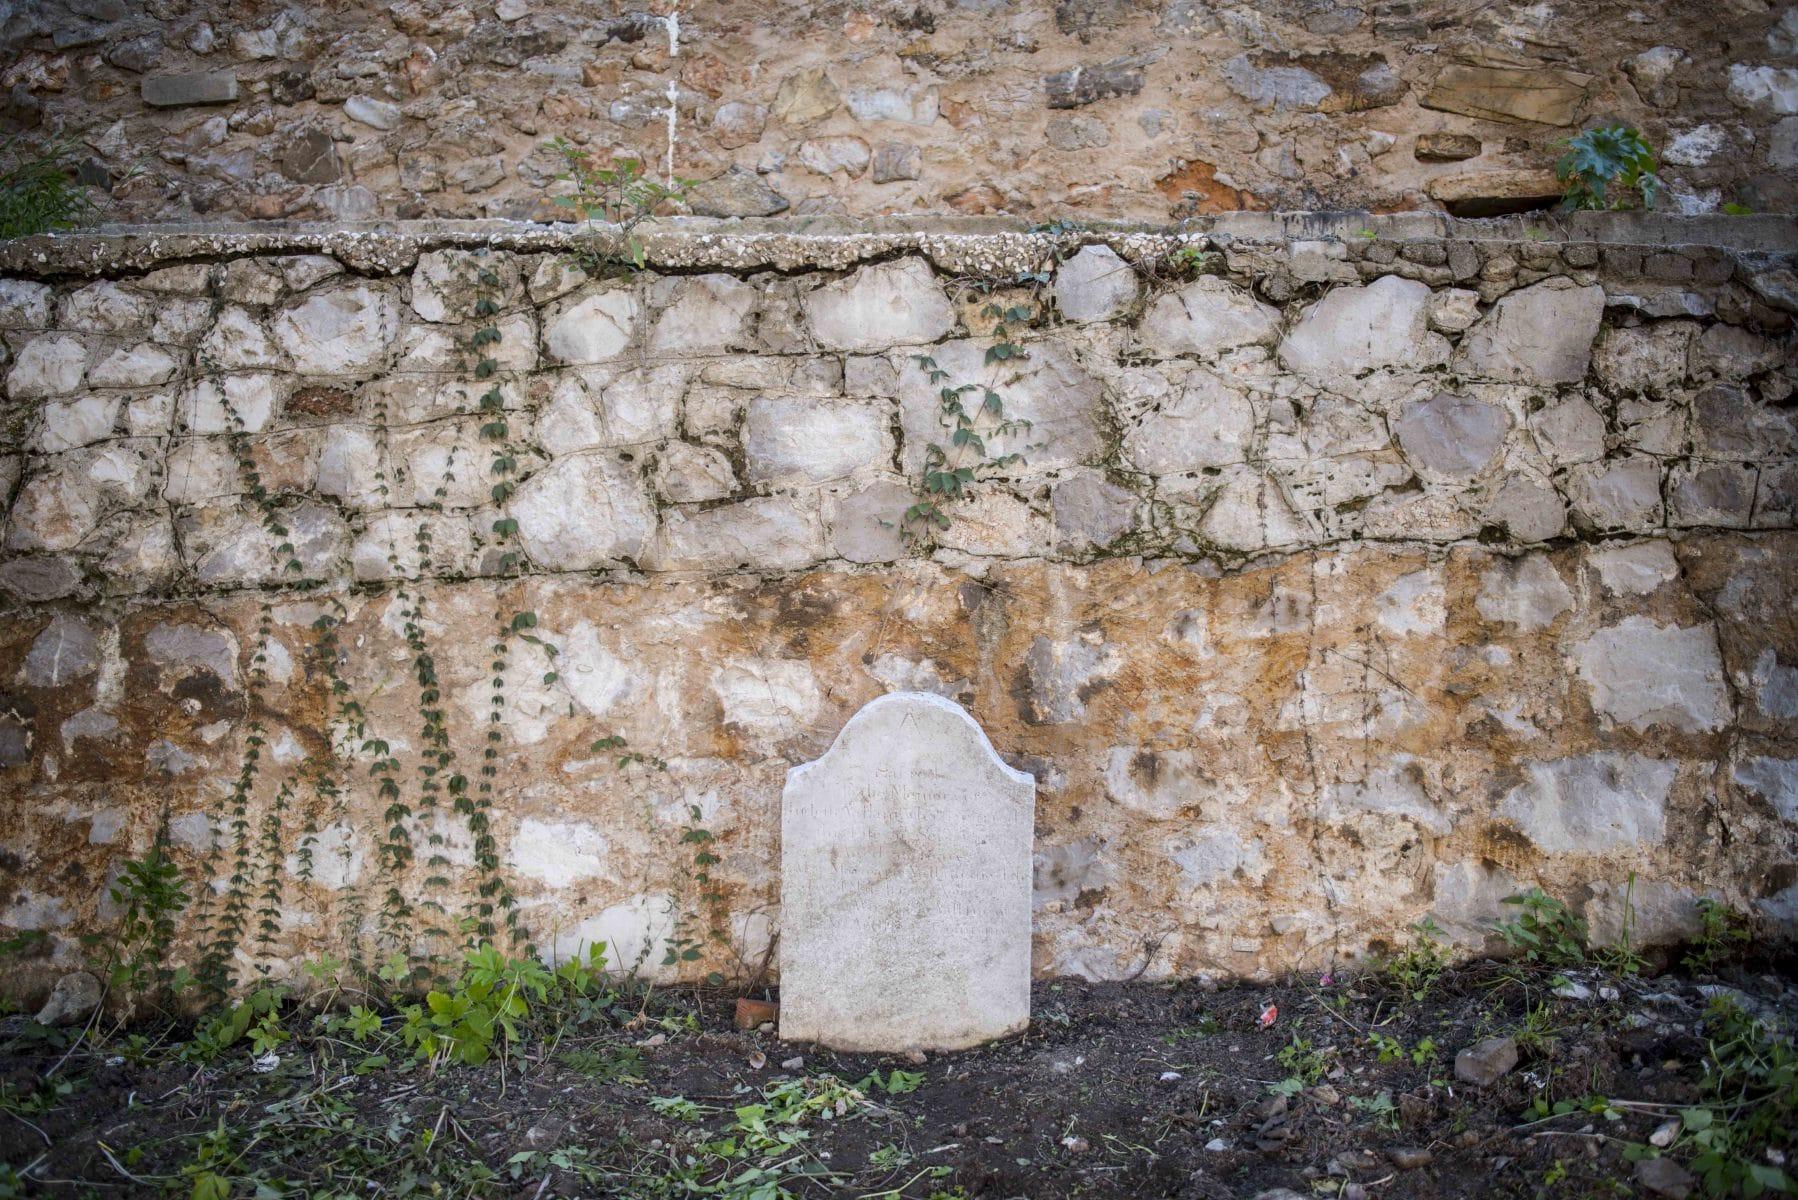 restauracin-cementerio-witham-16_24847014834_o